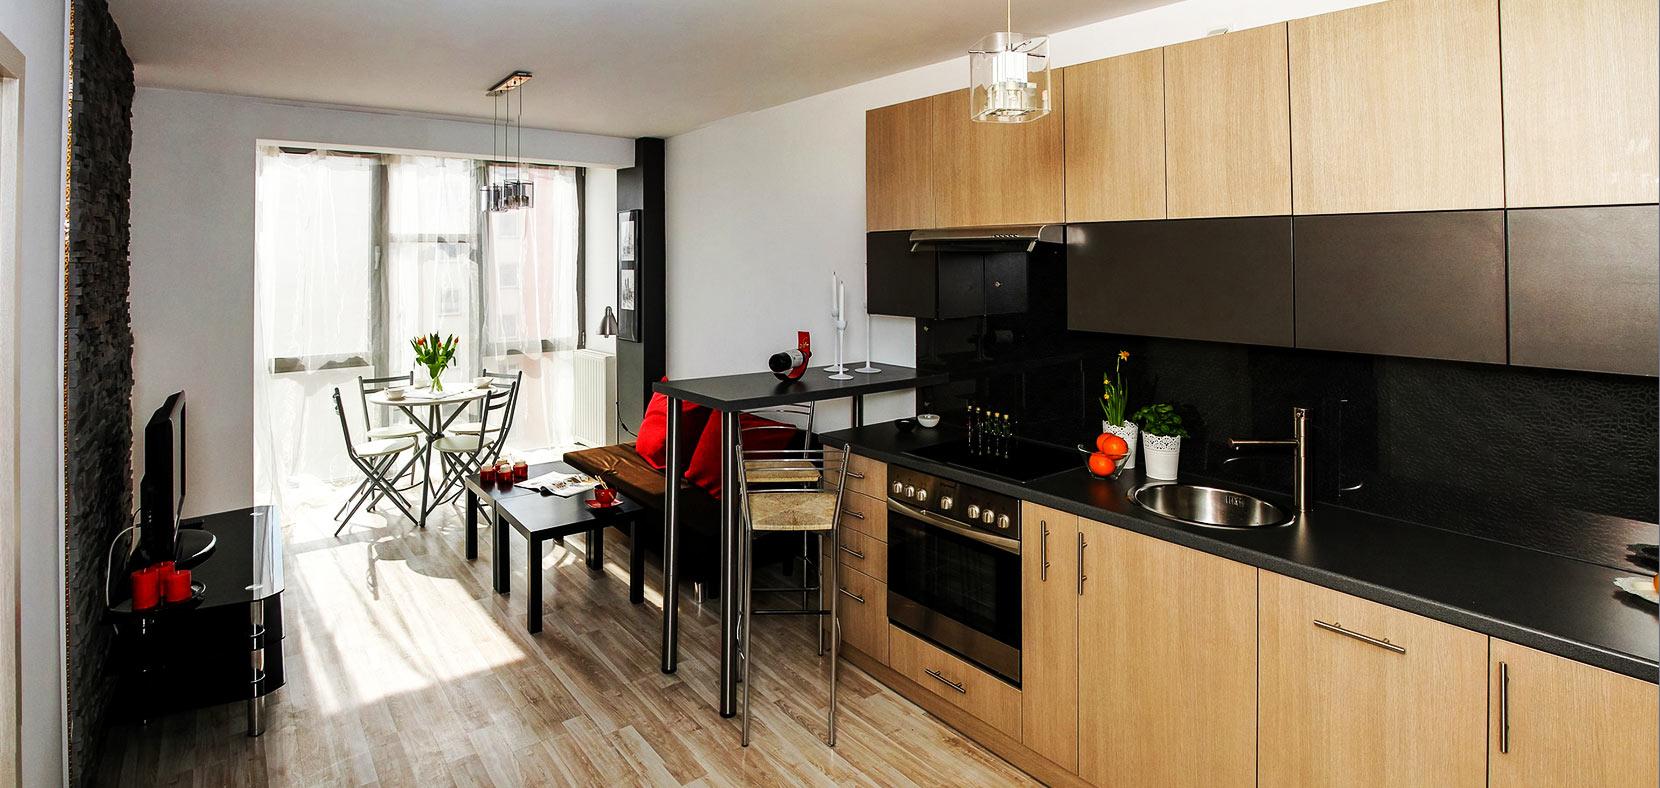 Free Austin Apartment Locators • Citywide Apt Locators